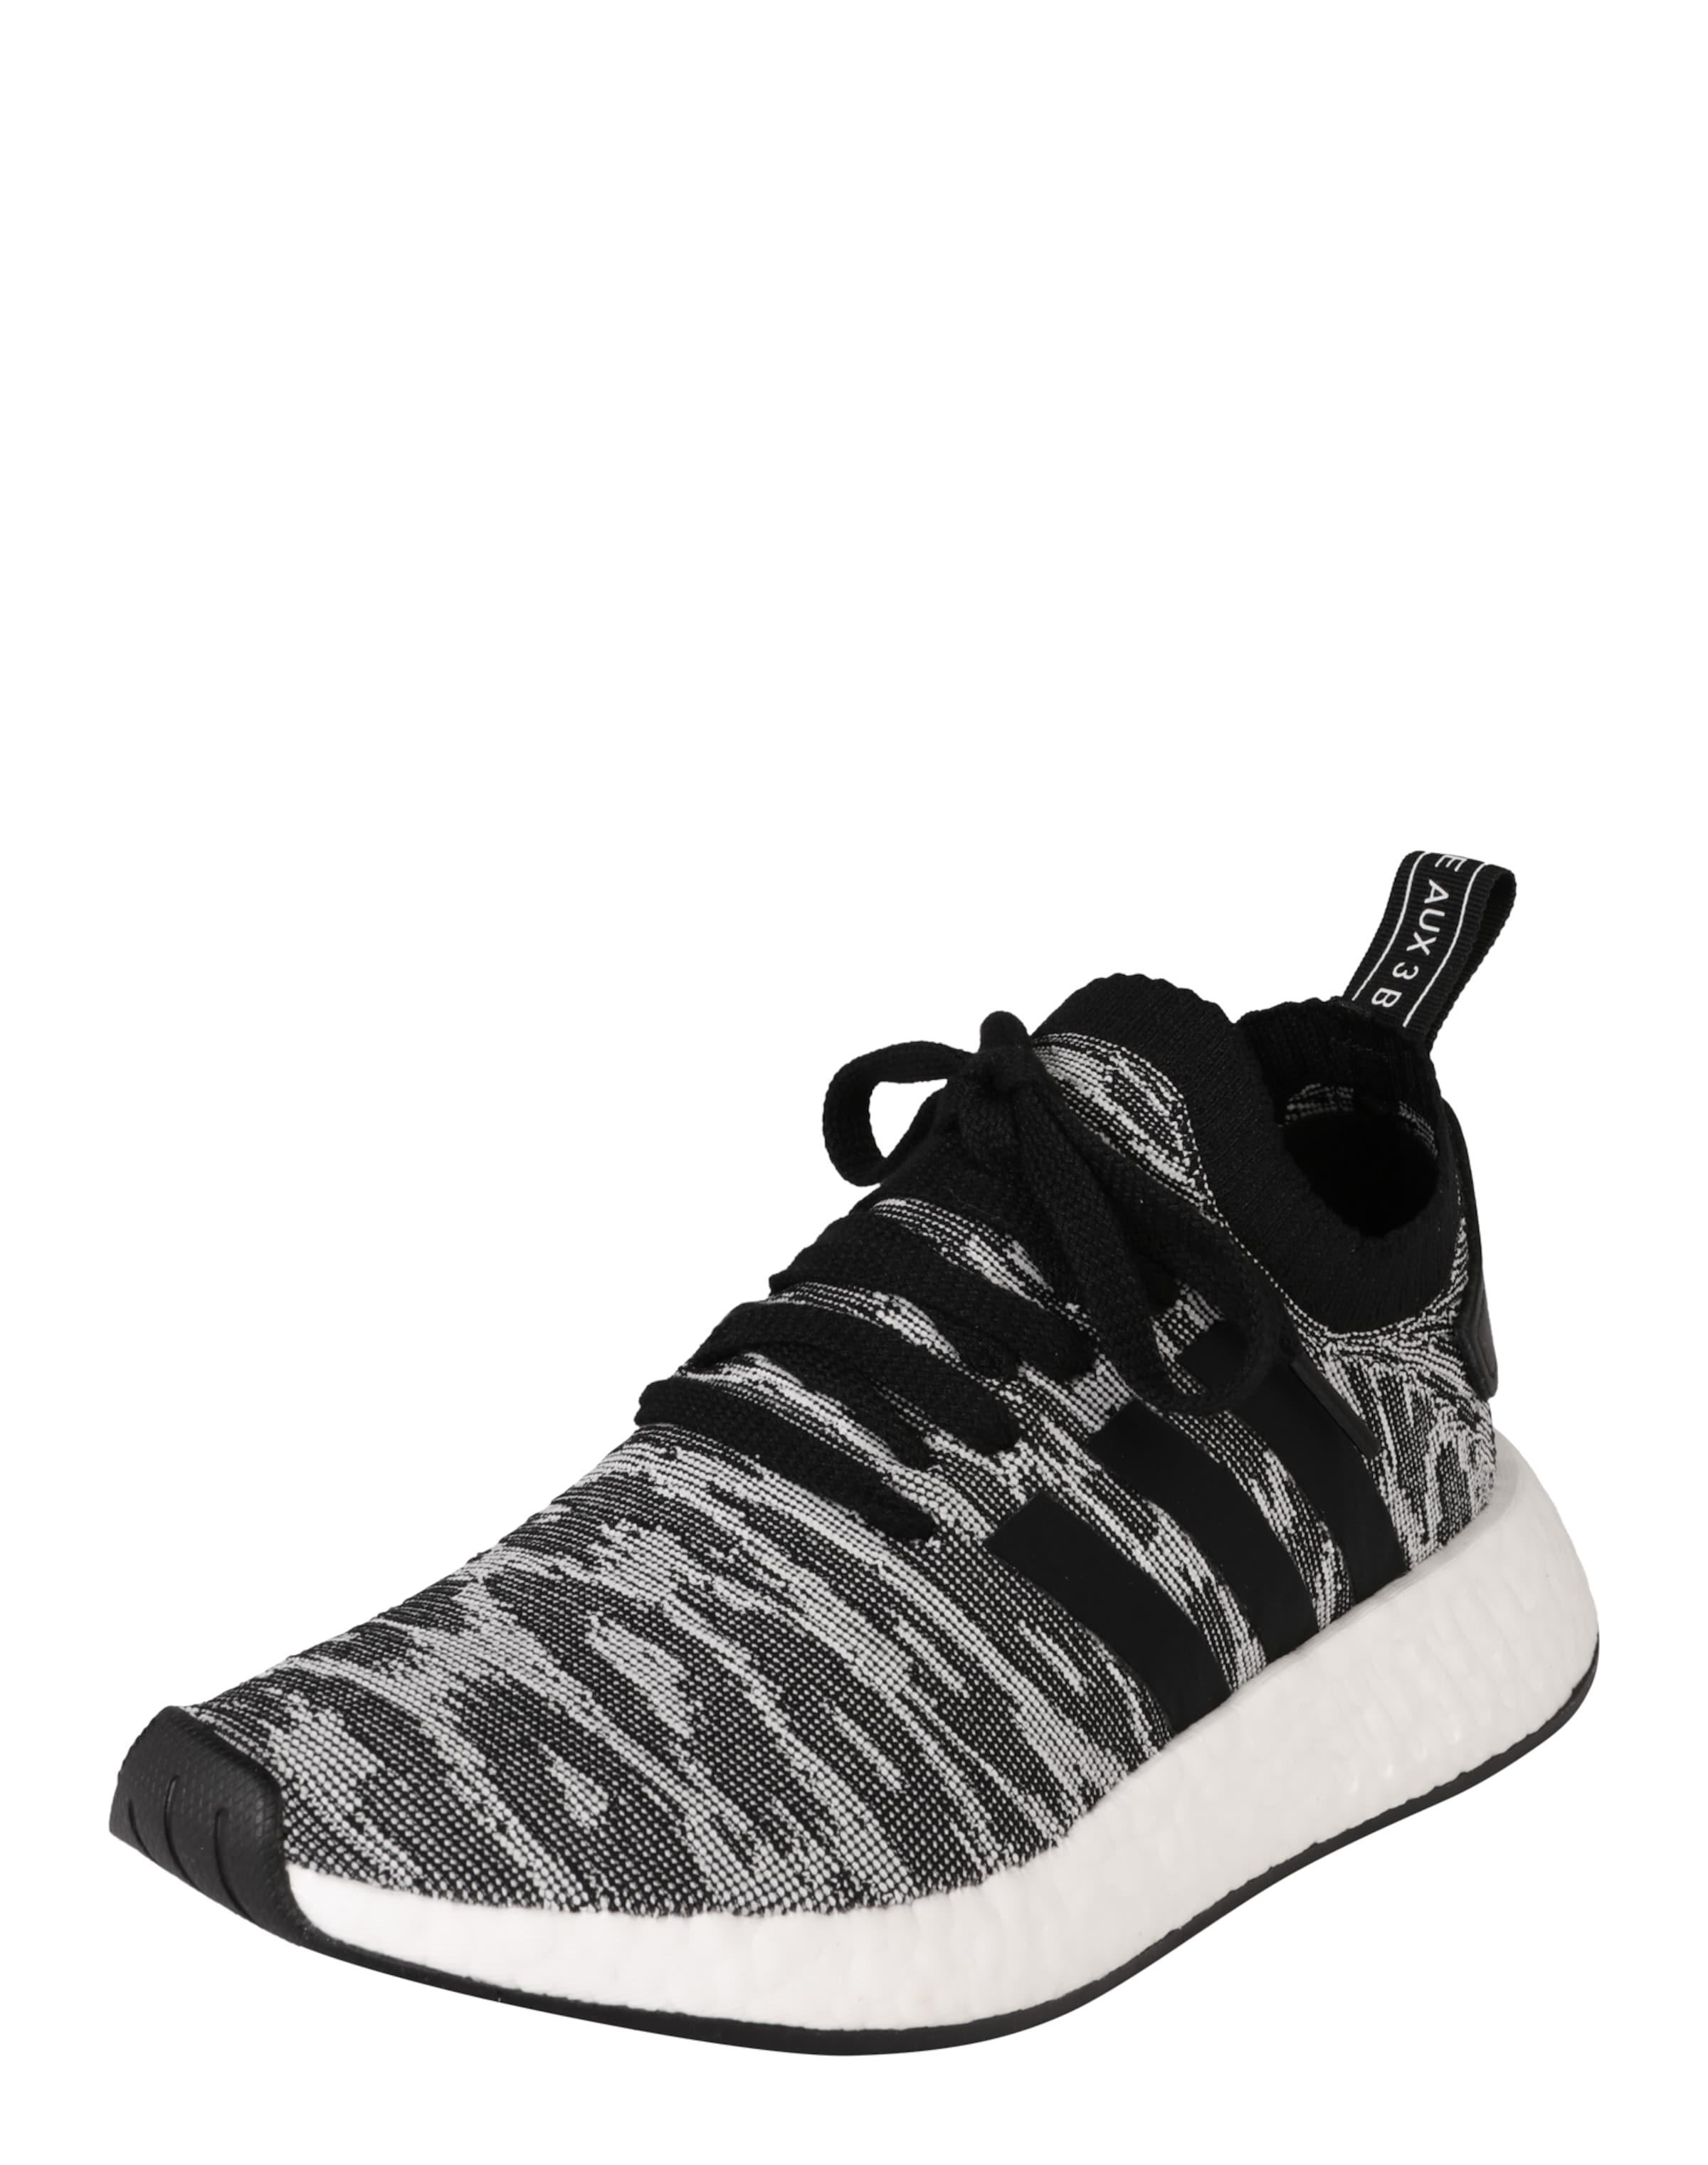 ADIDAS ORIGINALS Sneaker 'NMD R2 PK' Kaufen Günstigen Preis Wirklich Günstiger Preis Rabatt Bester Großhandel  Beschränkte Auflage Rabatt Breite Palette Von cE2nY